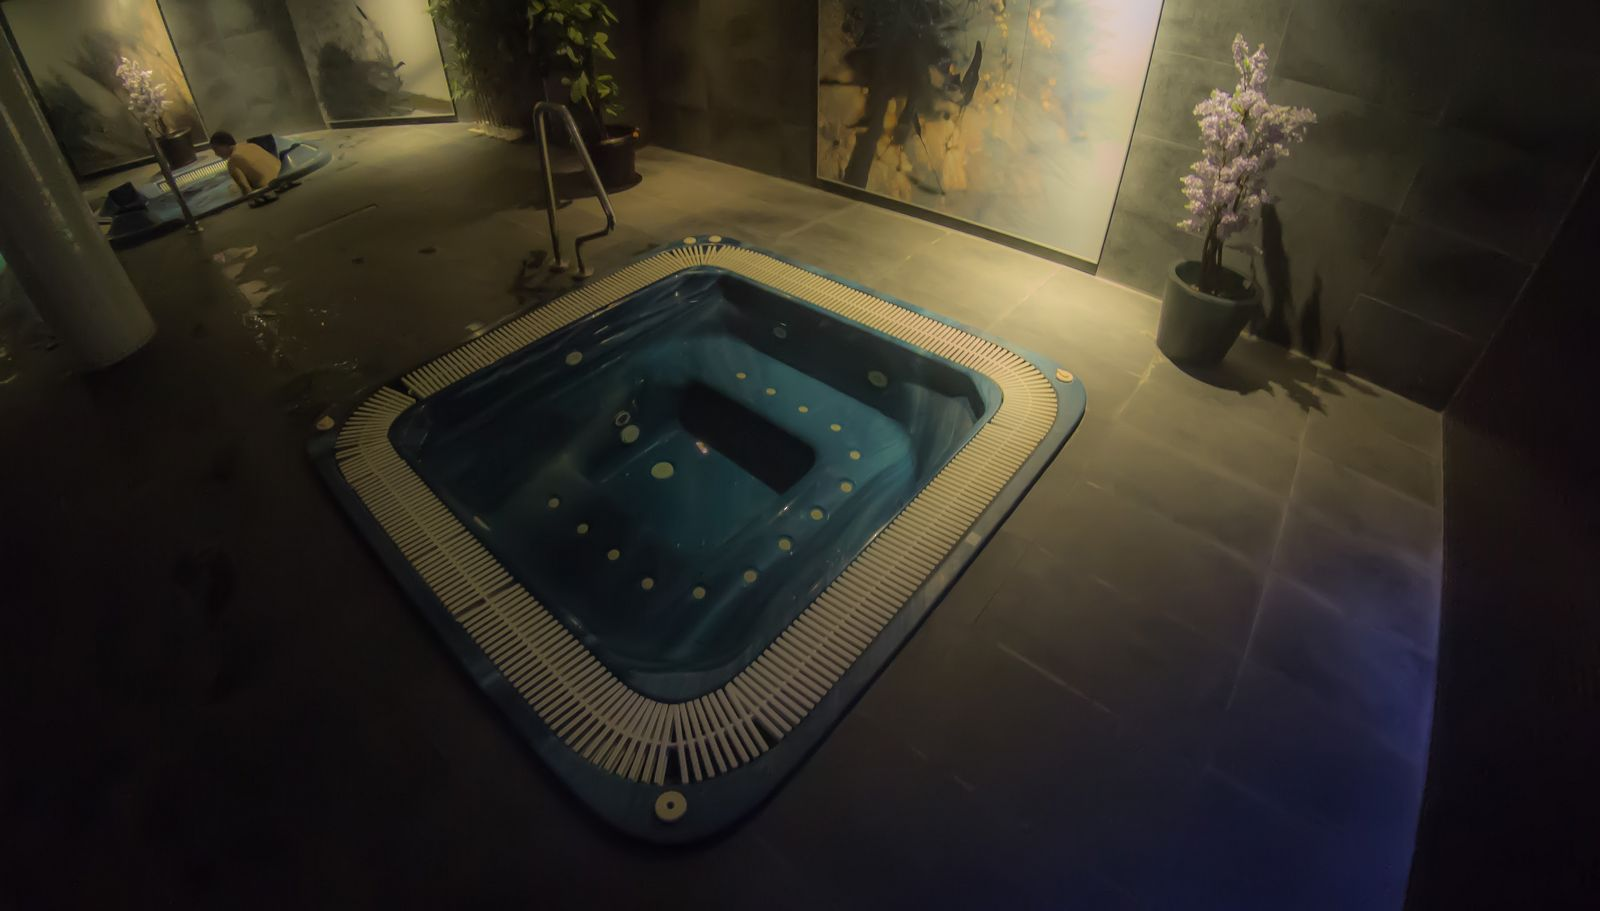 El spa, cuando estaba tranquilo